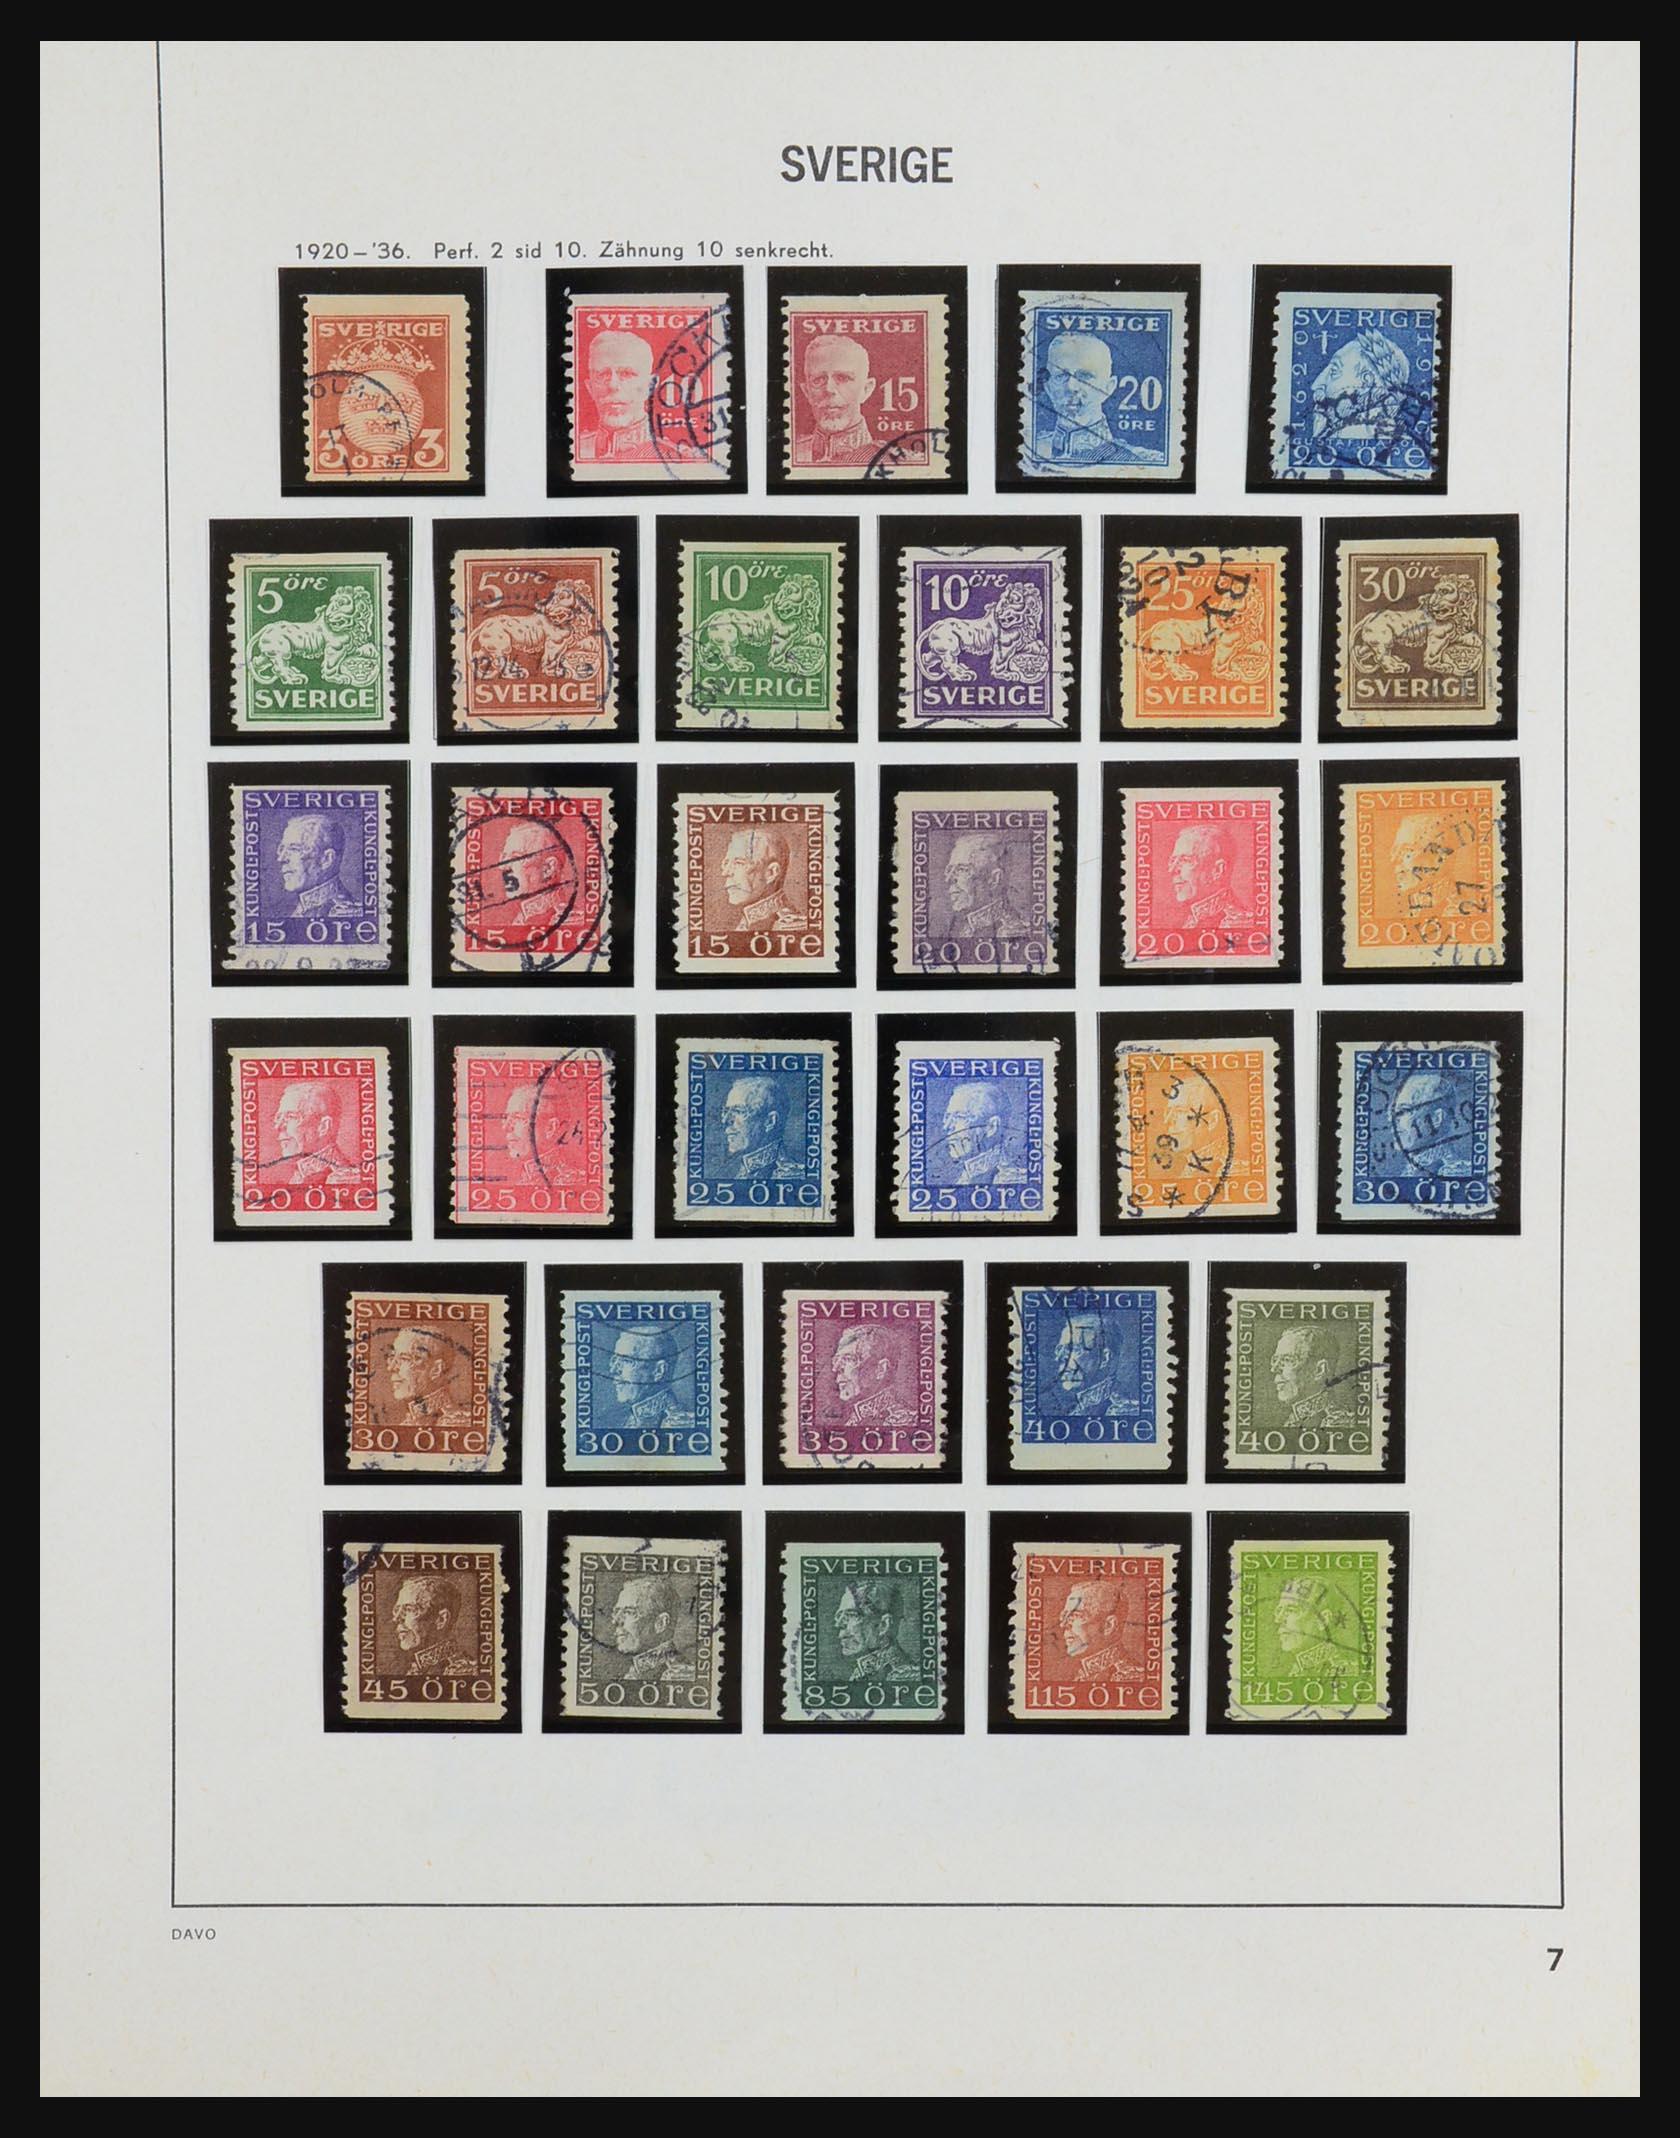 31453 007 - 31453 Sweden 1858-1974.